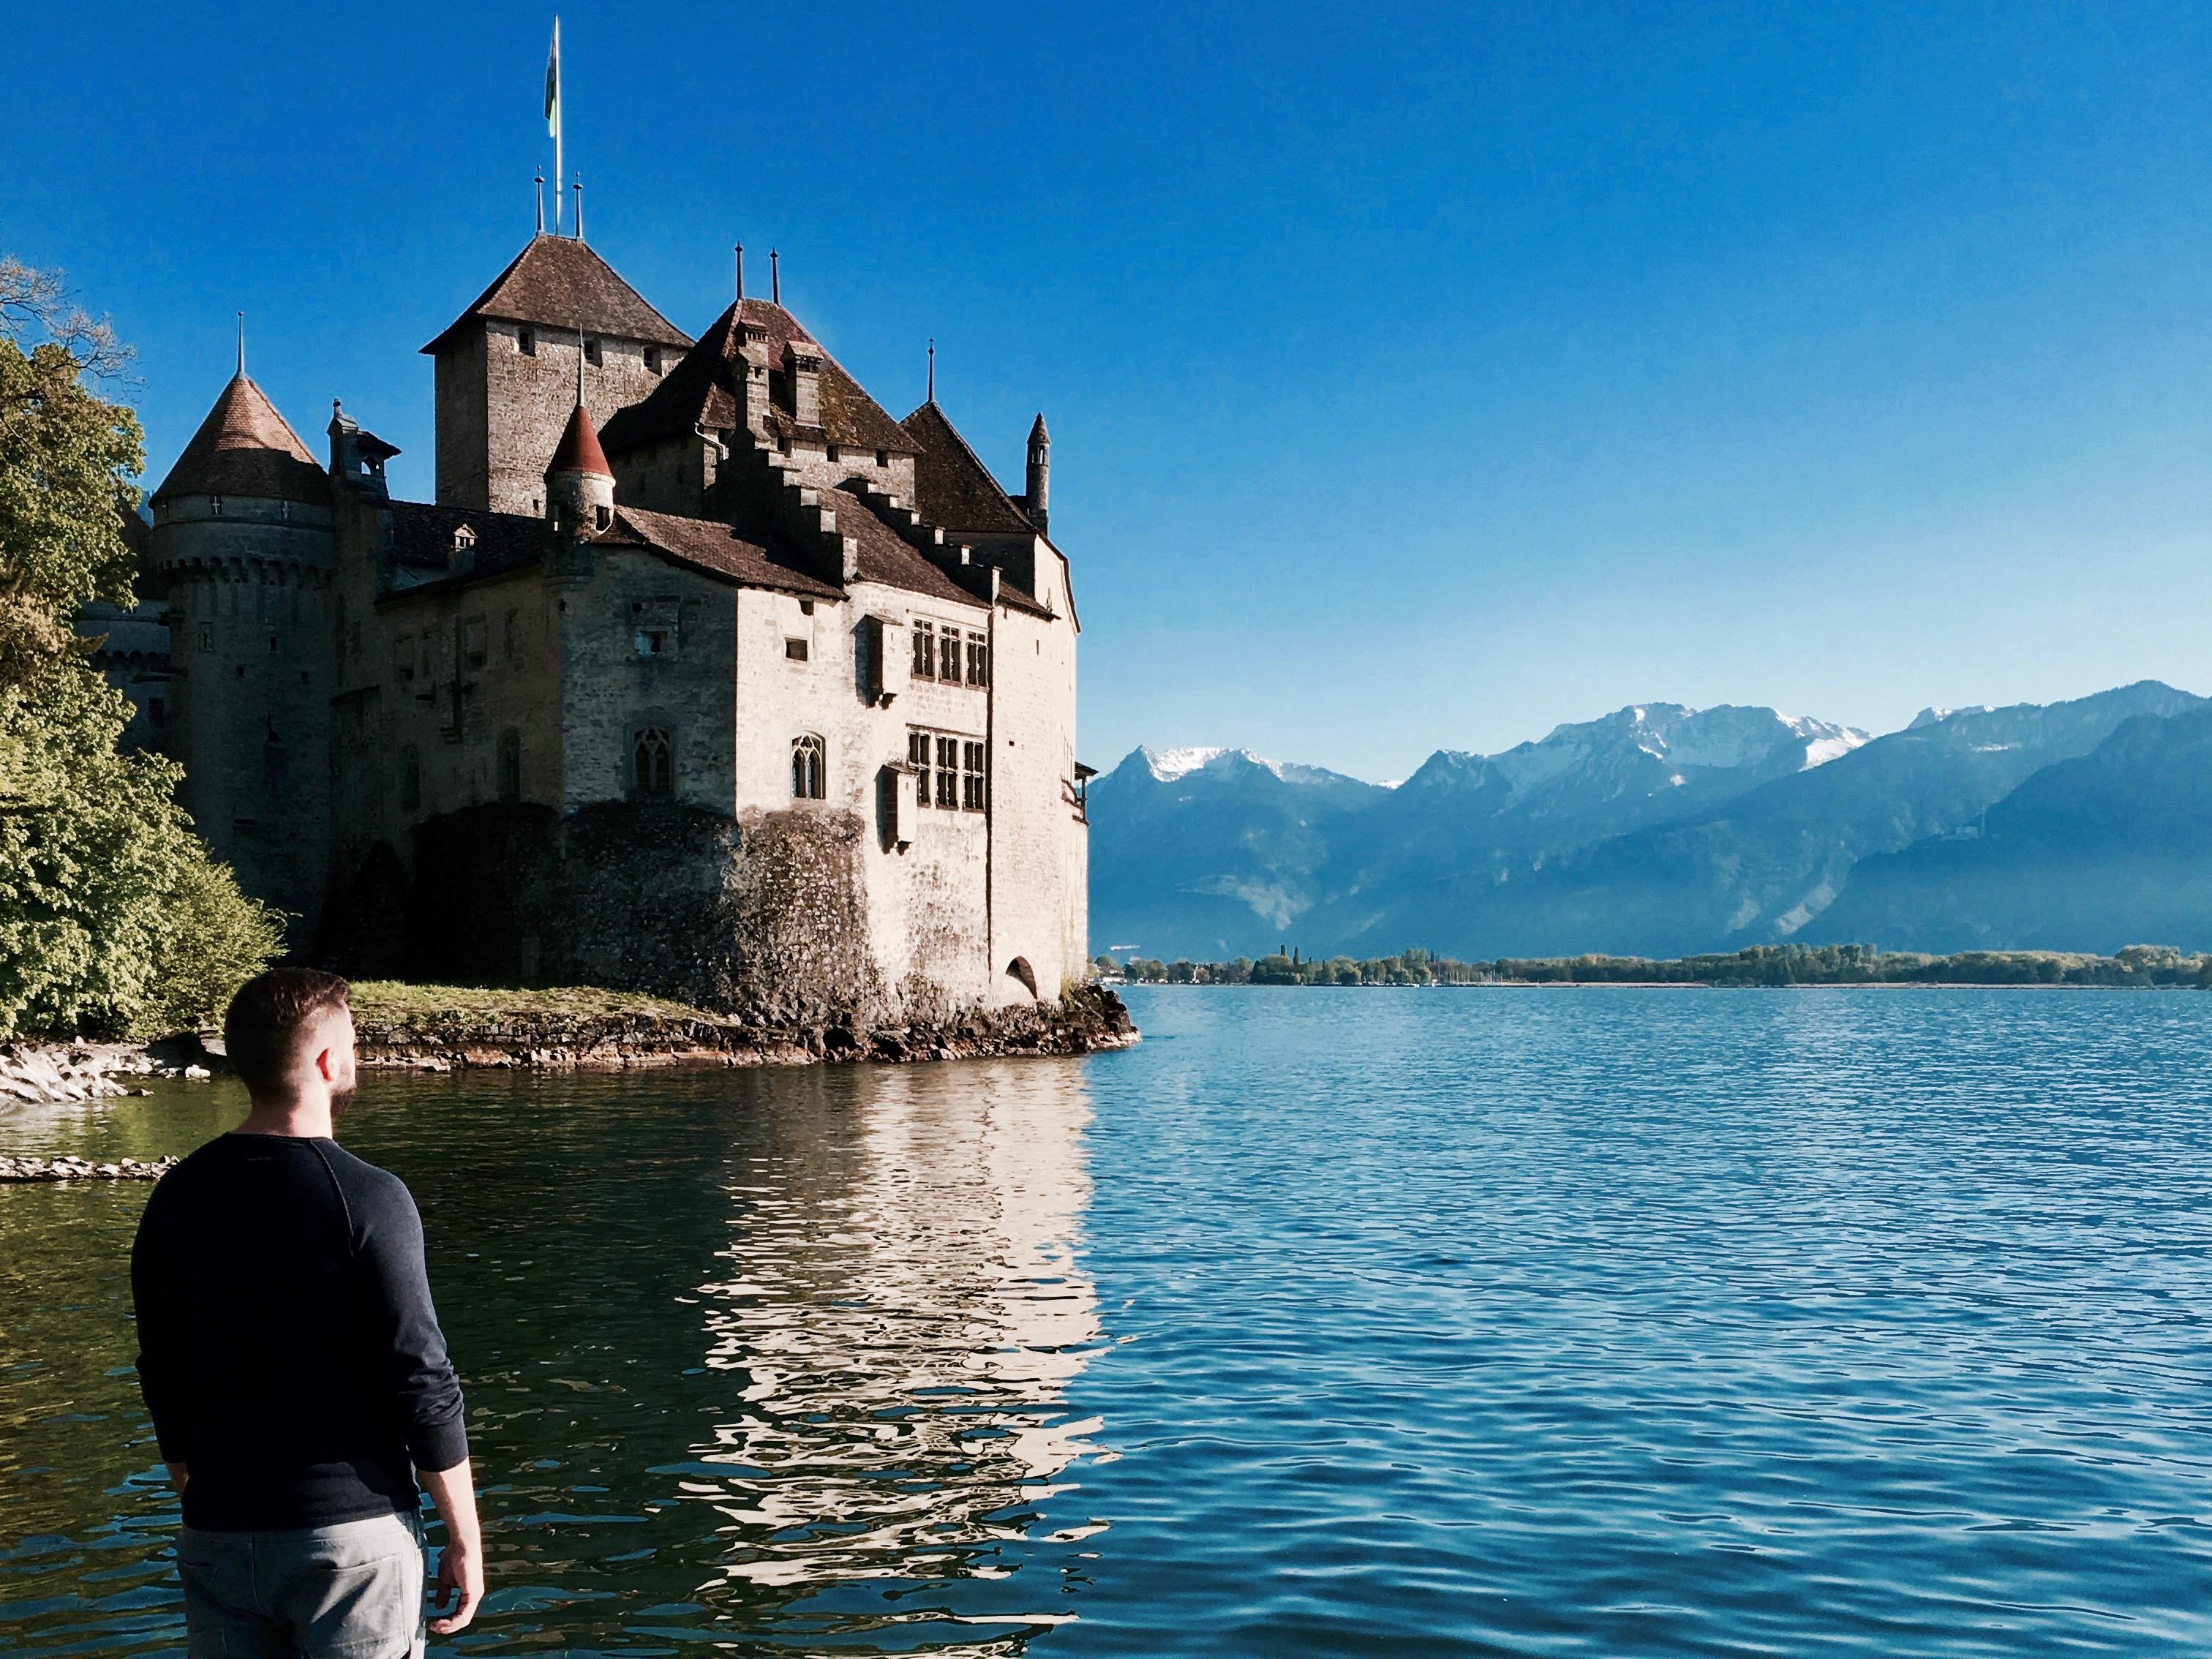 Montreux Jazz Festival >> Montreux: Schloss Chillon und die schönste Promenade der Welt | 7 KONTINENTE